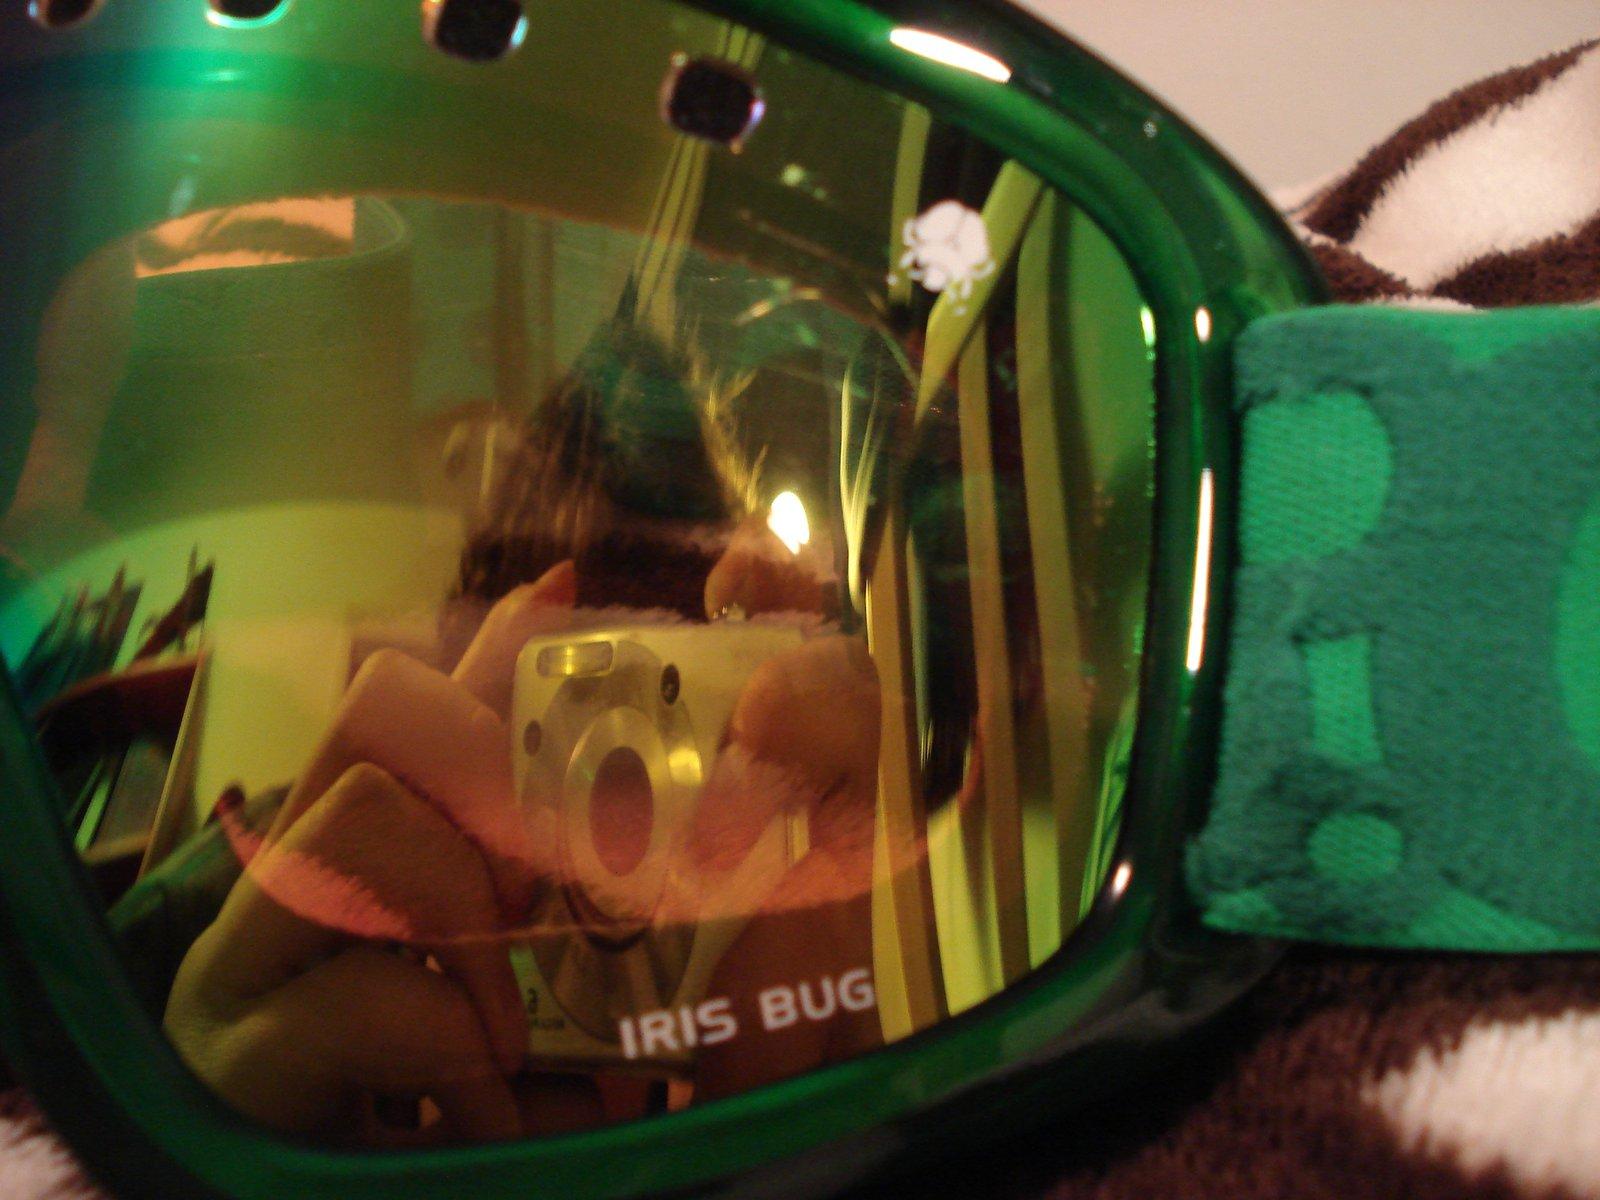 Goggle IRIS BUG